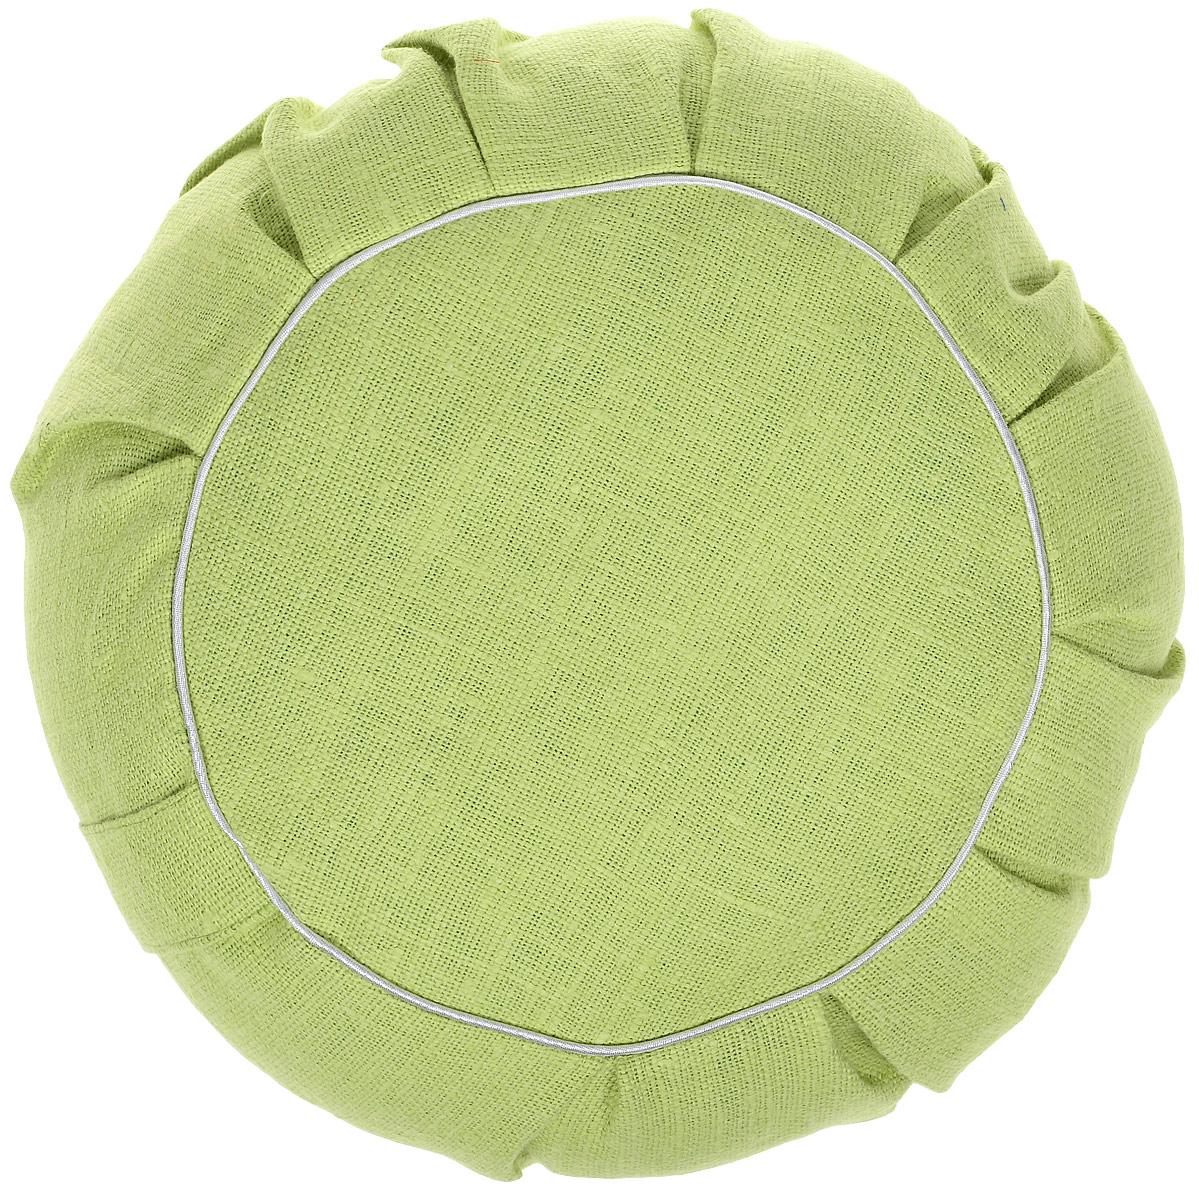 Наполнителем этих уникальных, посвоим свойствам,подушек является экологически чистая лузга гречихи, помещенная вчехол изх/б ткани инаволочку из100% льна которая нескользит. Есть молния дляснятия наволочки.